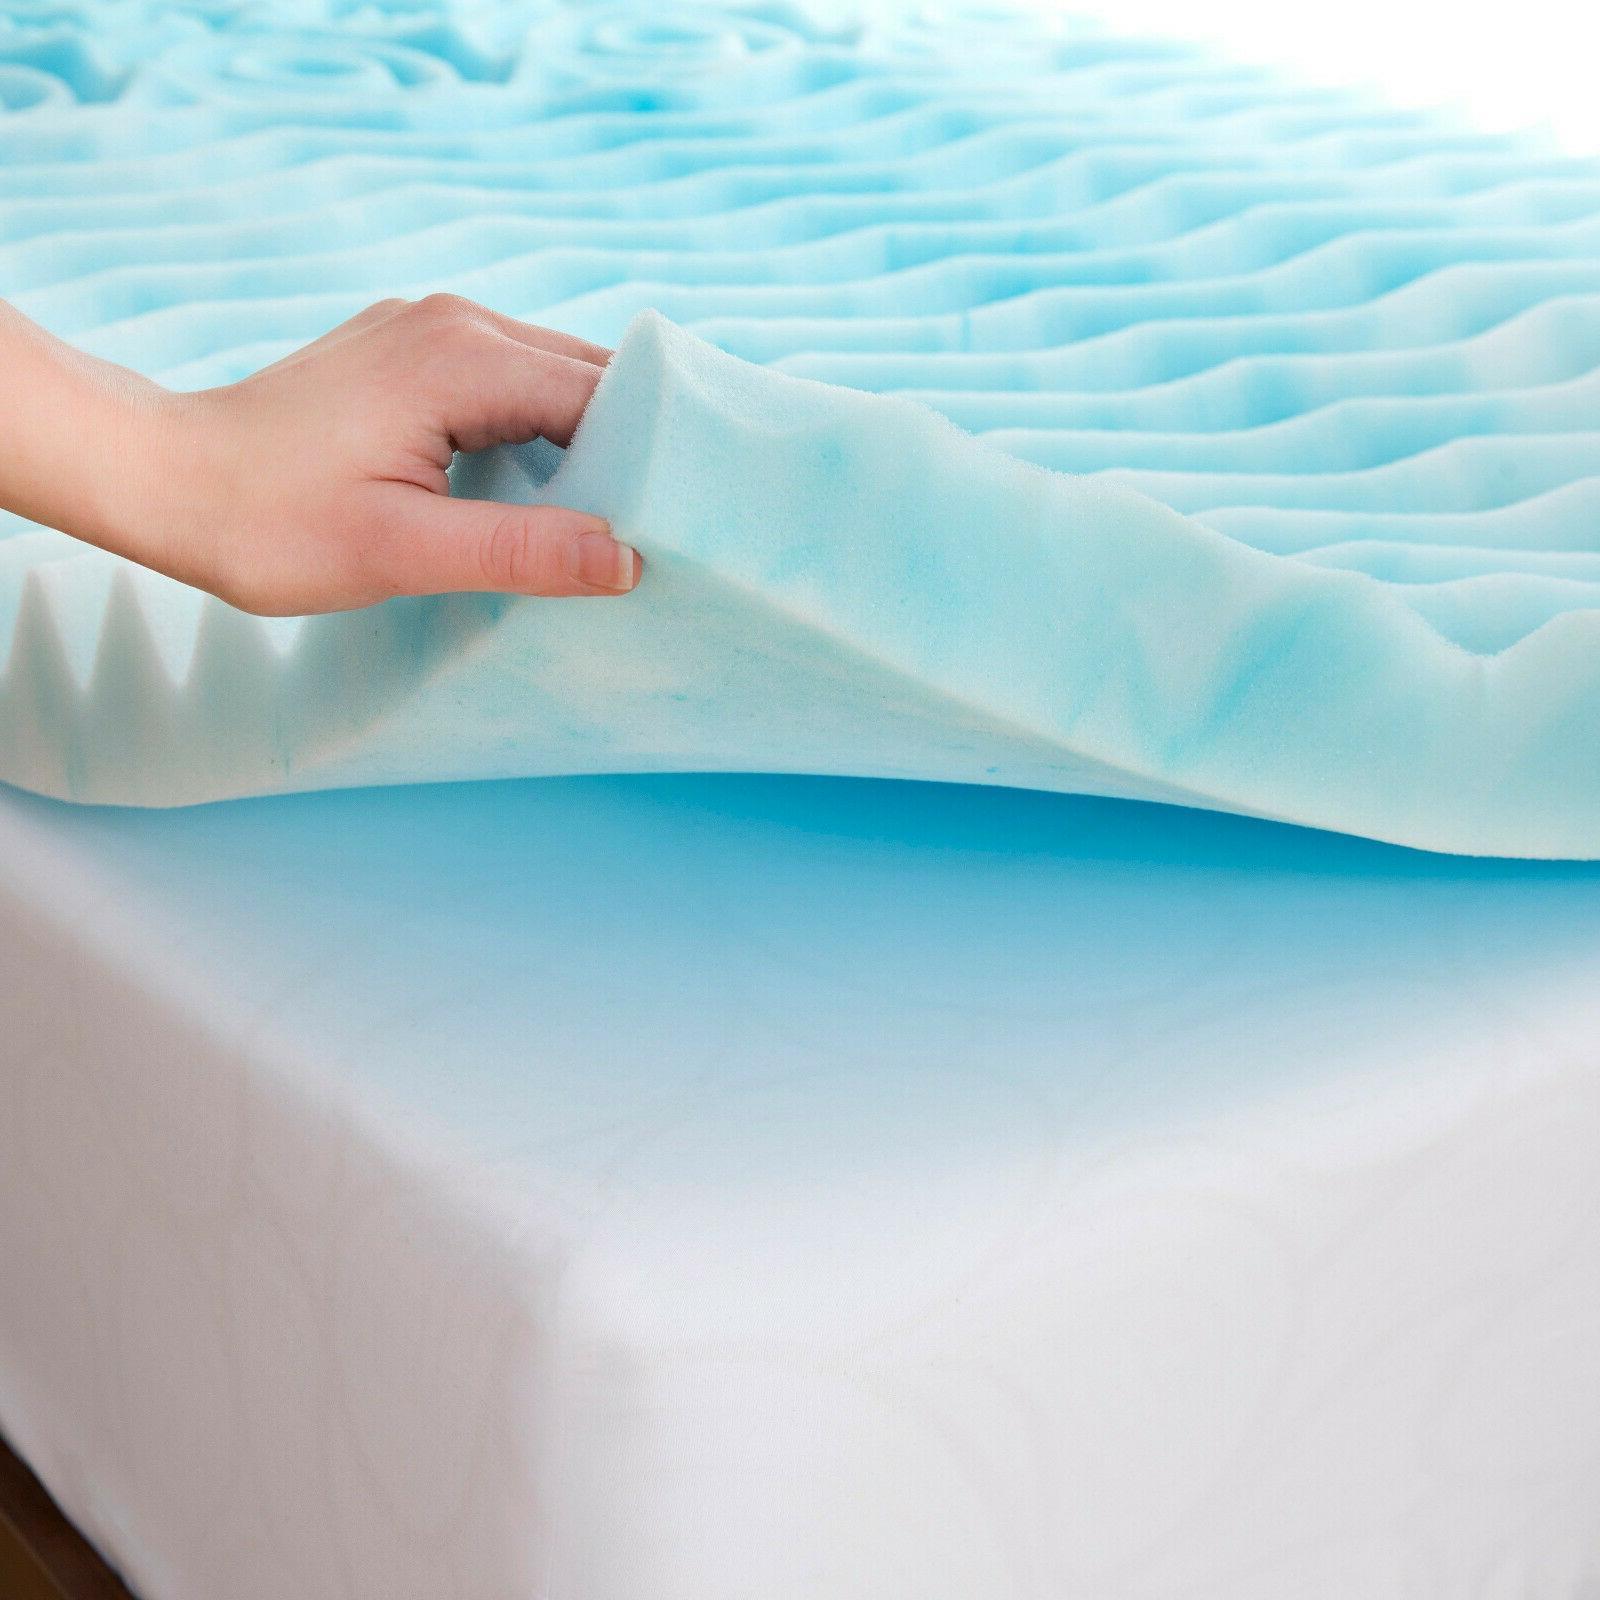 Orthopedic Crate Foam Mattress Topper Soft Pad KingSize